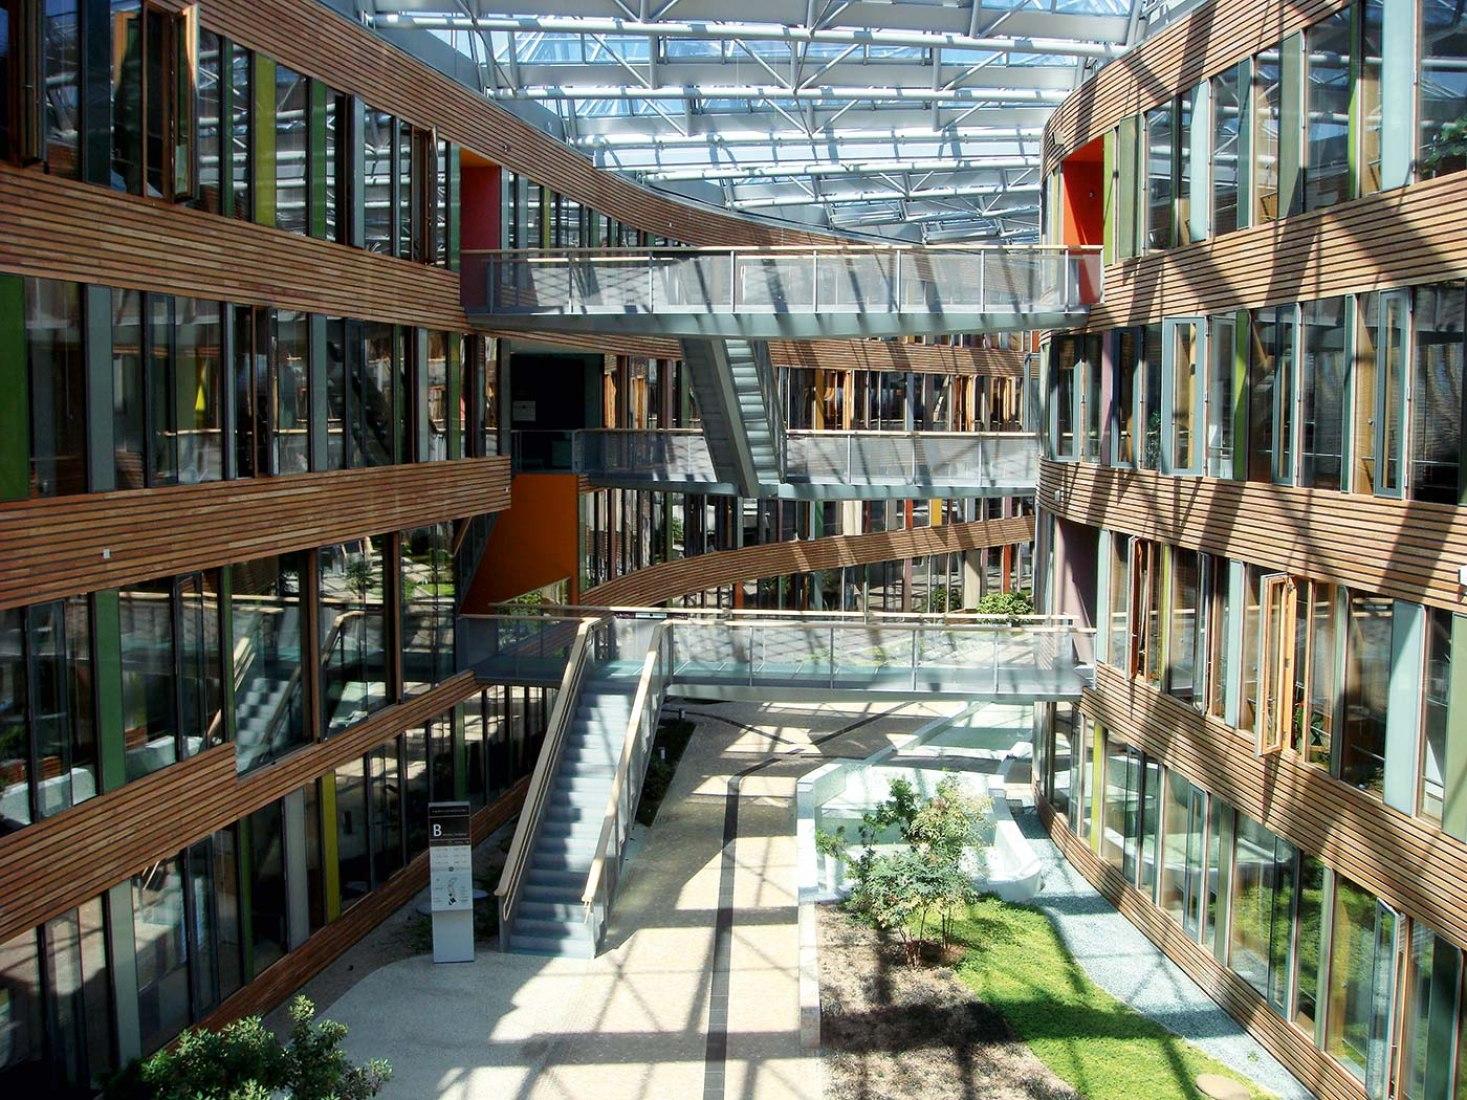 Agencia Federal de medio Ambiente en Dessau, Alemania. (2005). Sauerbruch Hutton. Cortesía de la Fundación Arquitectura y Sociedad.